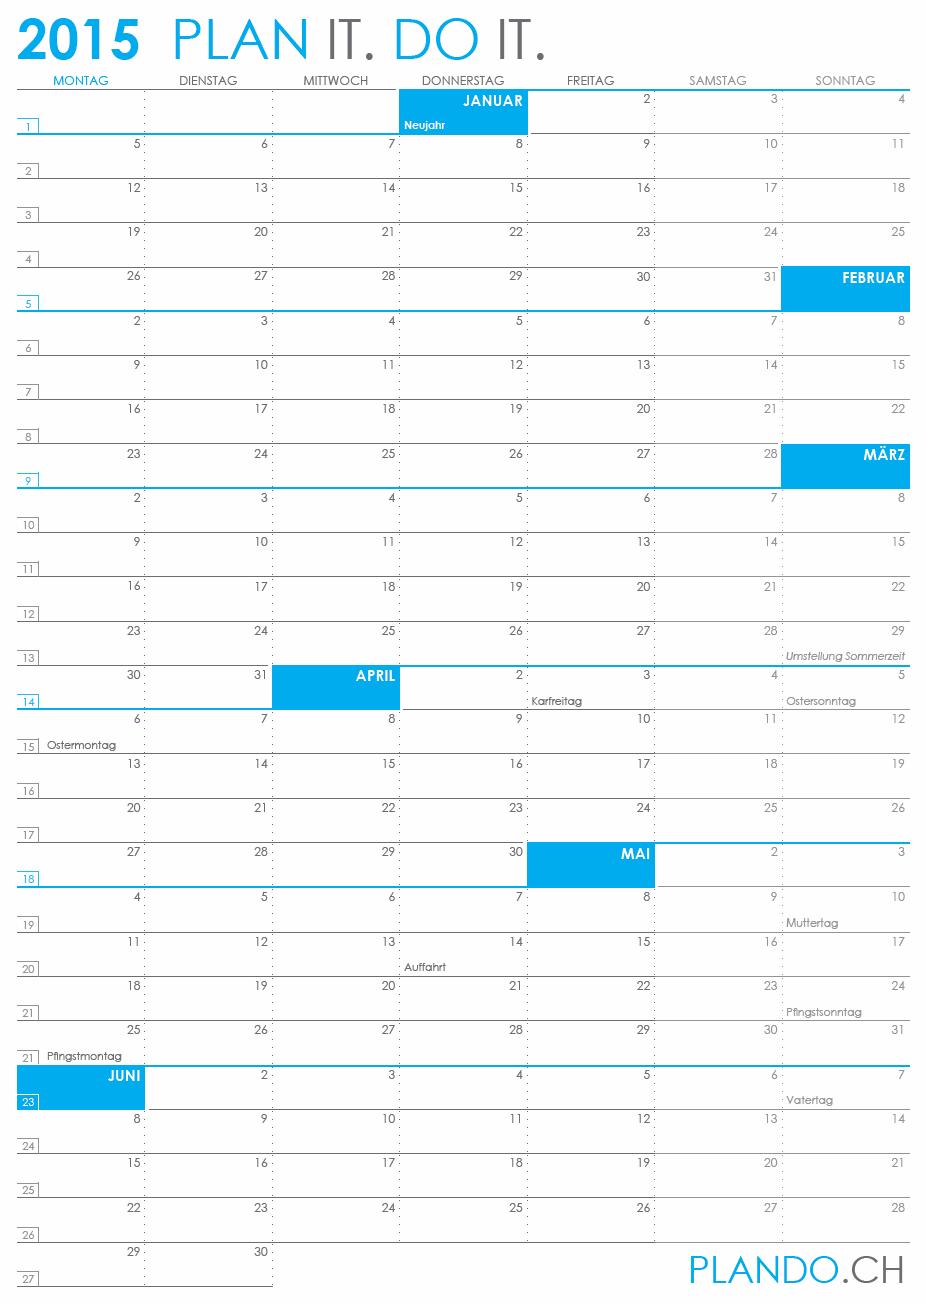 Halbjahreskalender 2015 im Hochformat als PDF herunterladen und ausdrucken   PLANDO.CH #Kalender